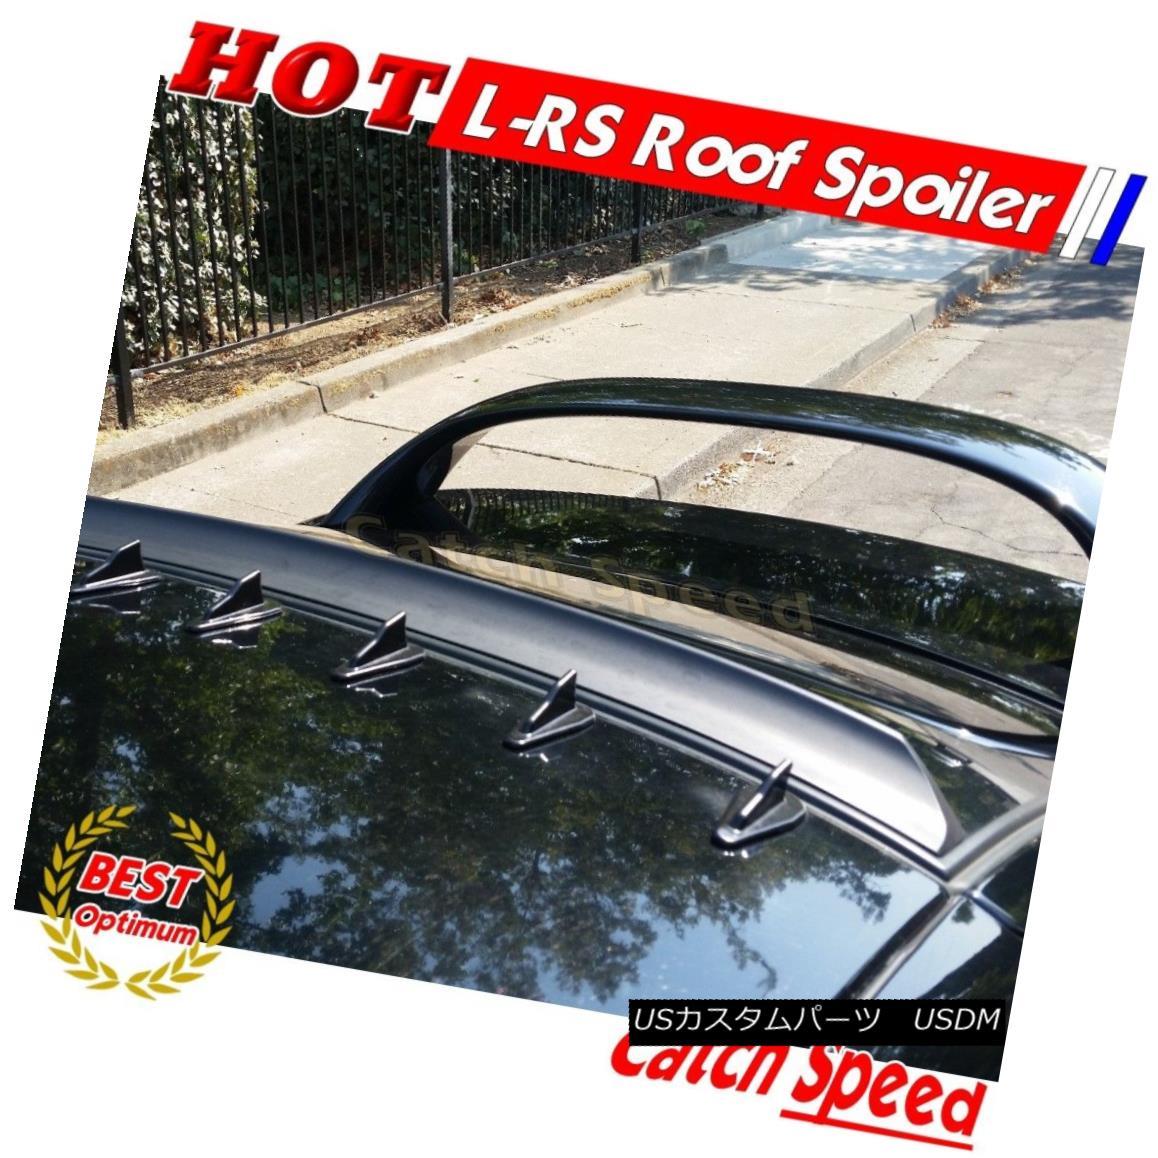 エアロパーツ Flat Black LRS Rear Roof Spoiler Wing For Chevrolet Cavalier 1995-2005 Sdean? シボレーキャバリア1995-2005セダン用フラットブラックLRSリアルーフスポイラーウィング?